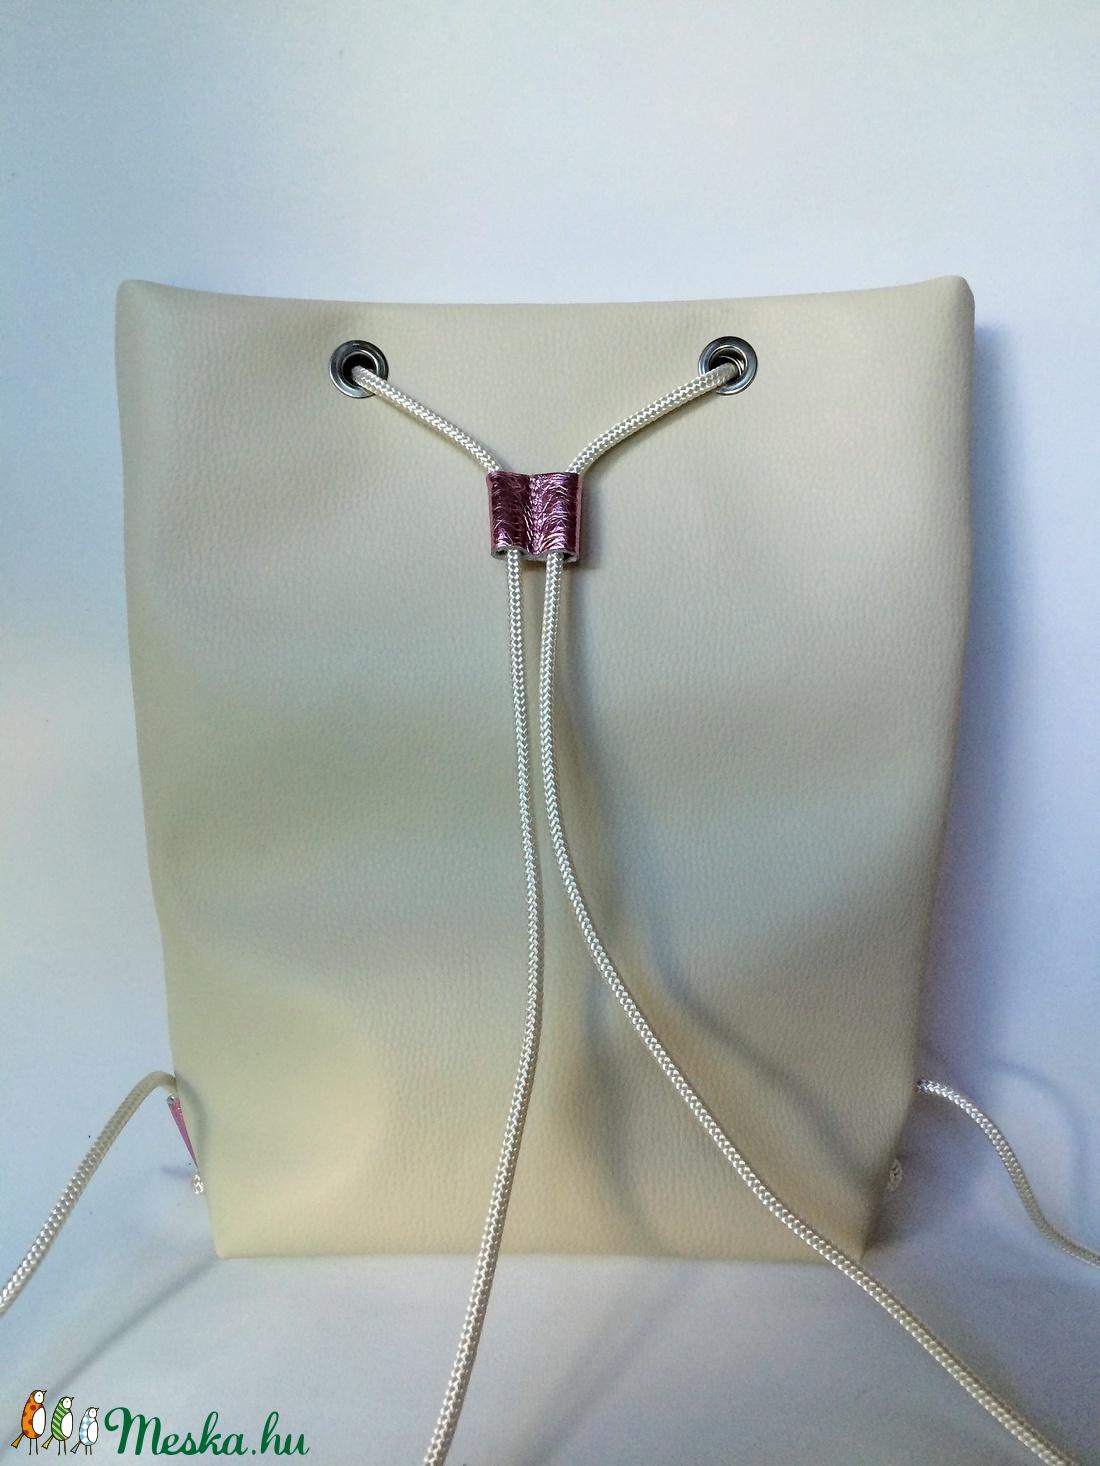 TEKLA bag törtfehér fényesrózsaszín bőr zsebes hátizsák (hegymegigabi) -  Meska.hu 5df1f2f7a2